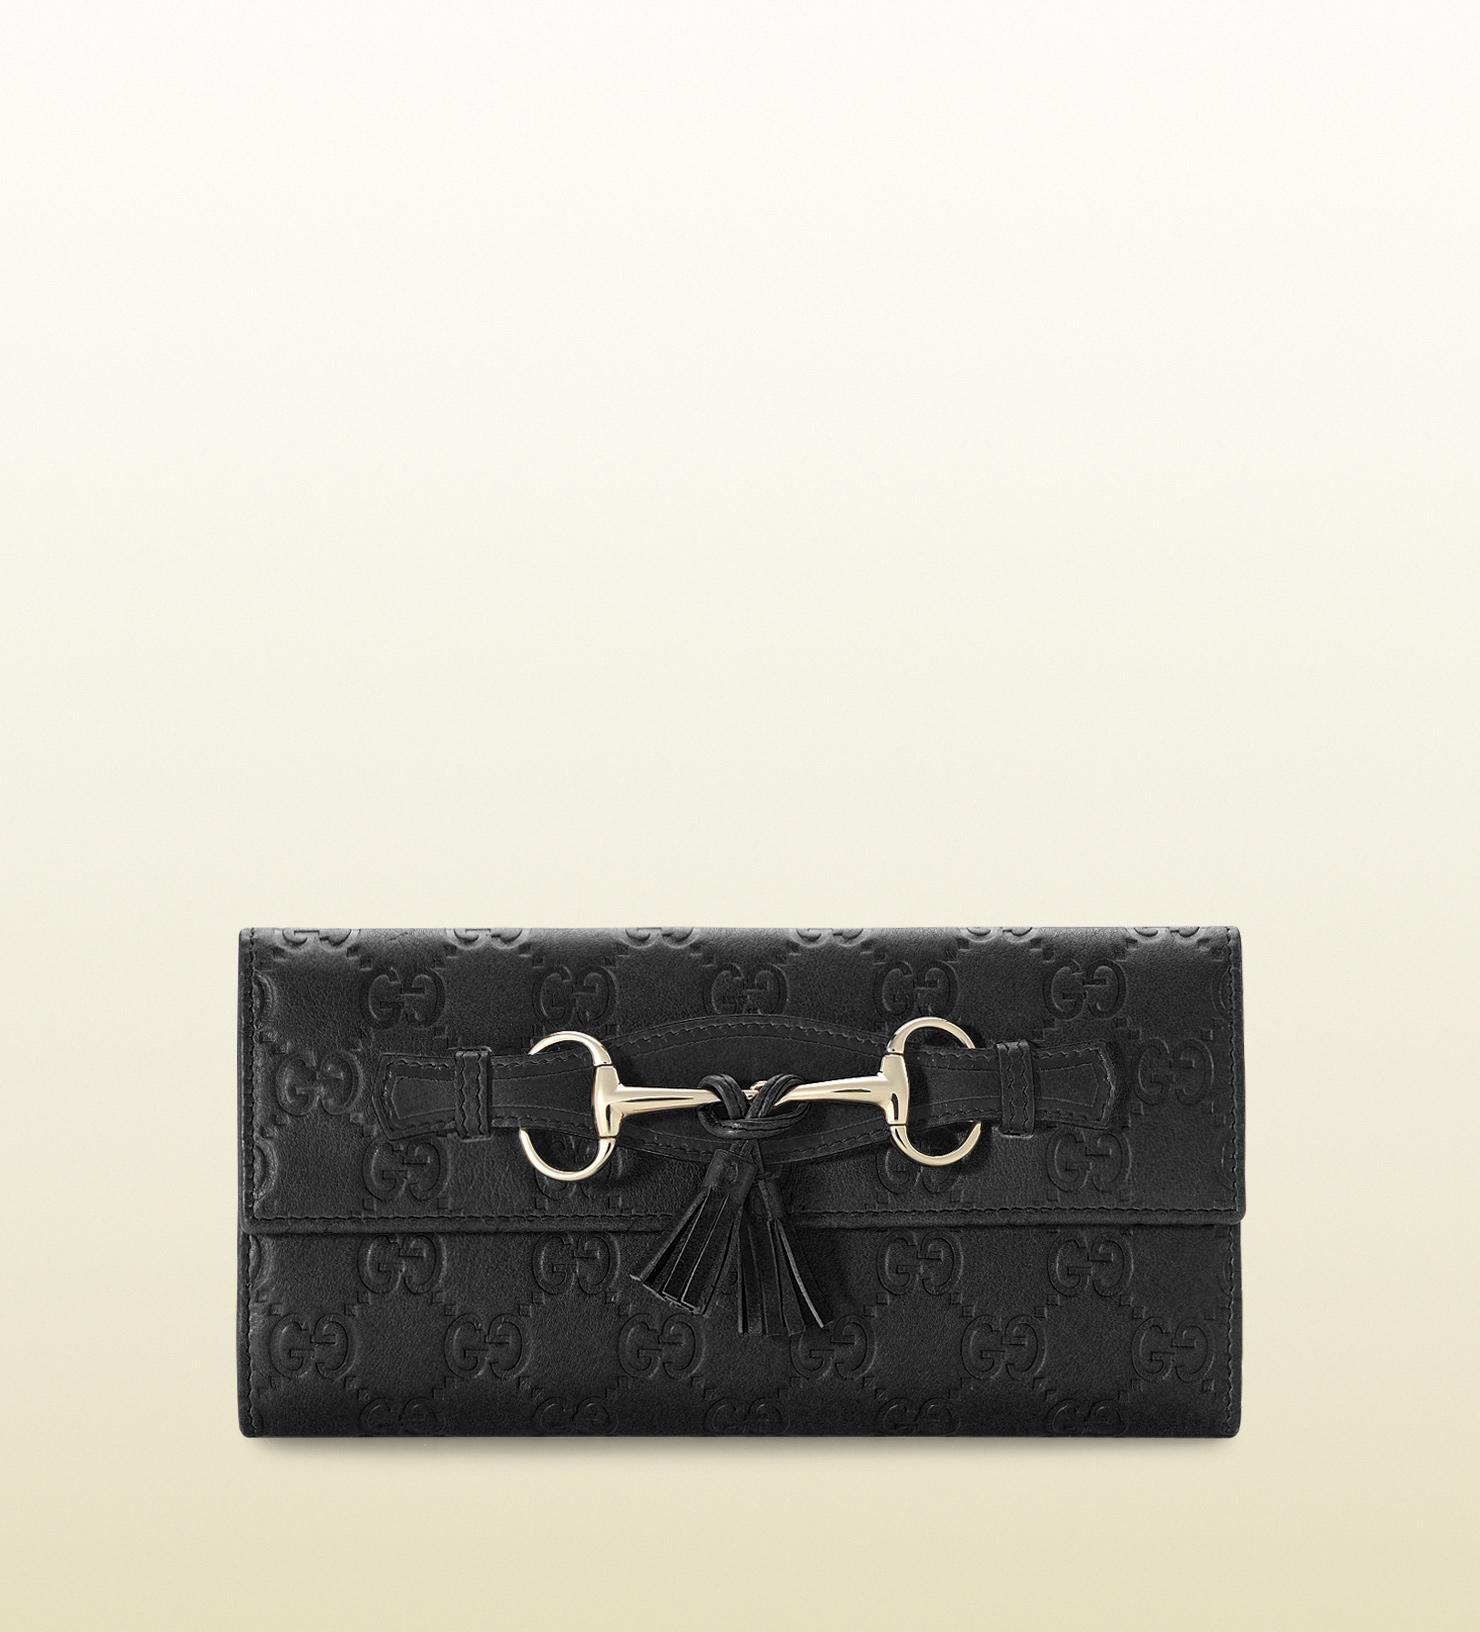 03891c317d85 Lyst Gucci Tel And Horsebit Continental Wallet In Black. Gucci Horsebit  Long Wallet. Gucci Horsebit Long Wallet Luxury Mavins